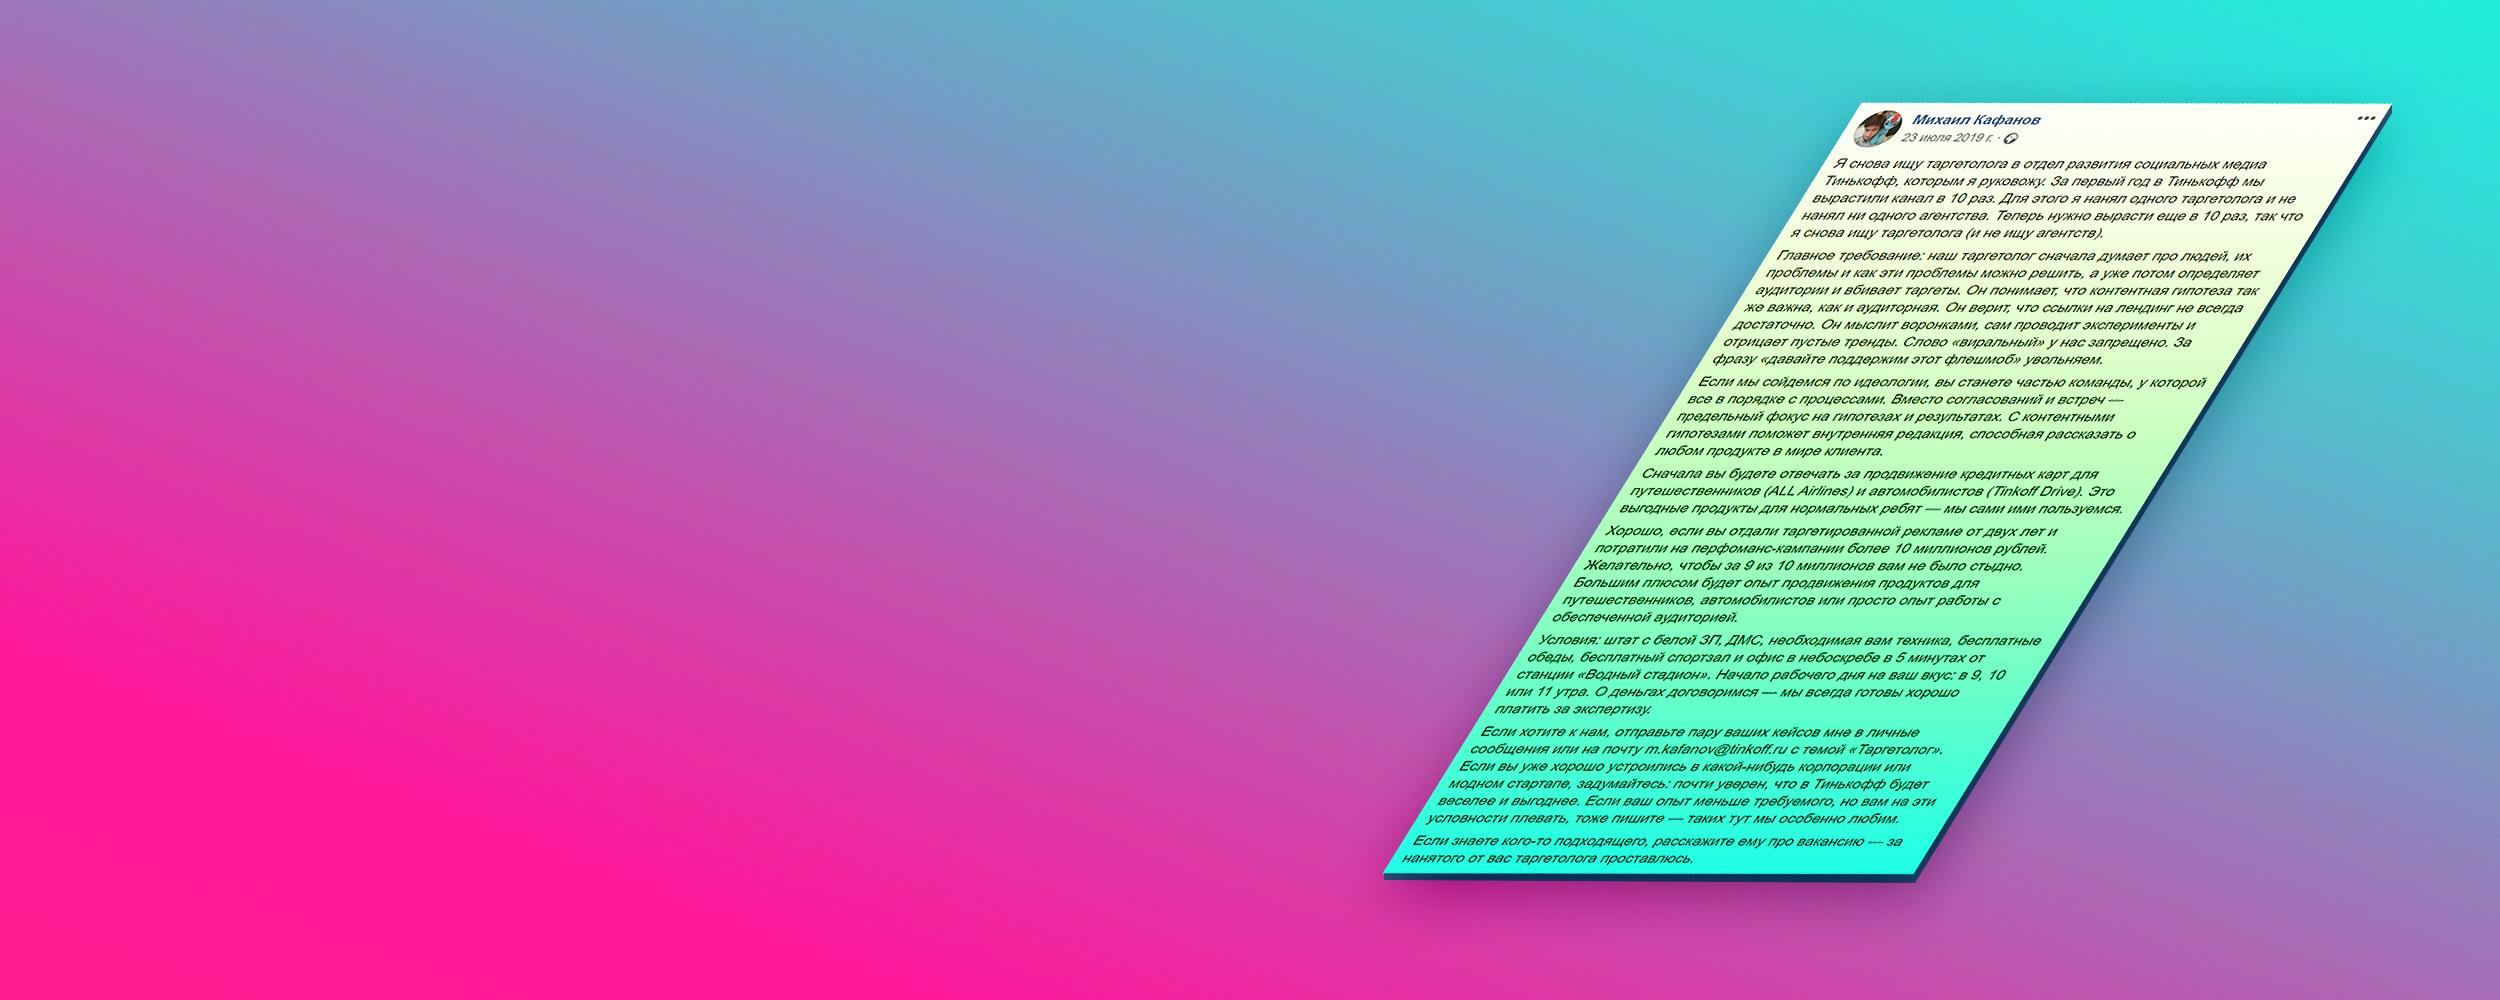 Как написать текст вакансии, чтобы найти хорошего специалиста и не нарушить закон